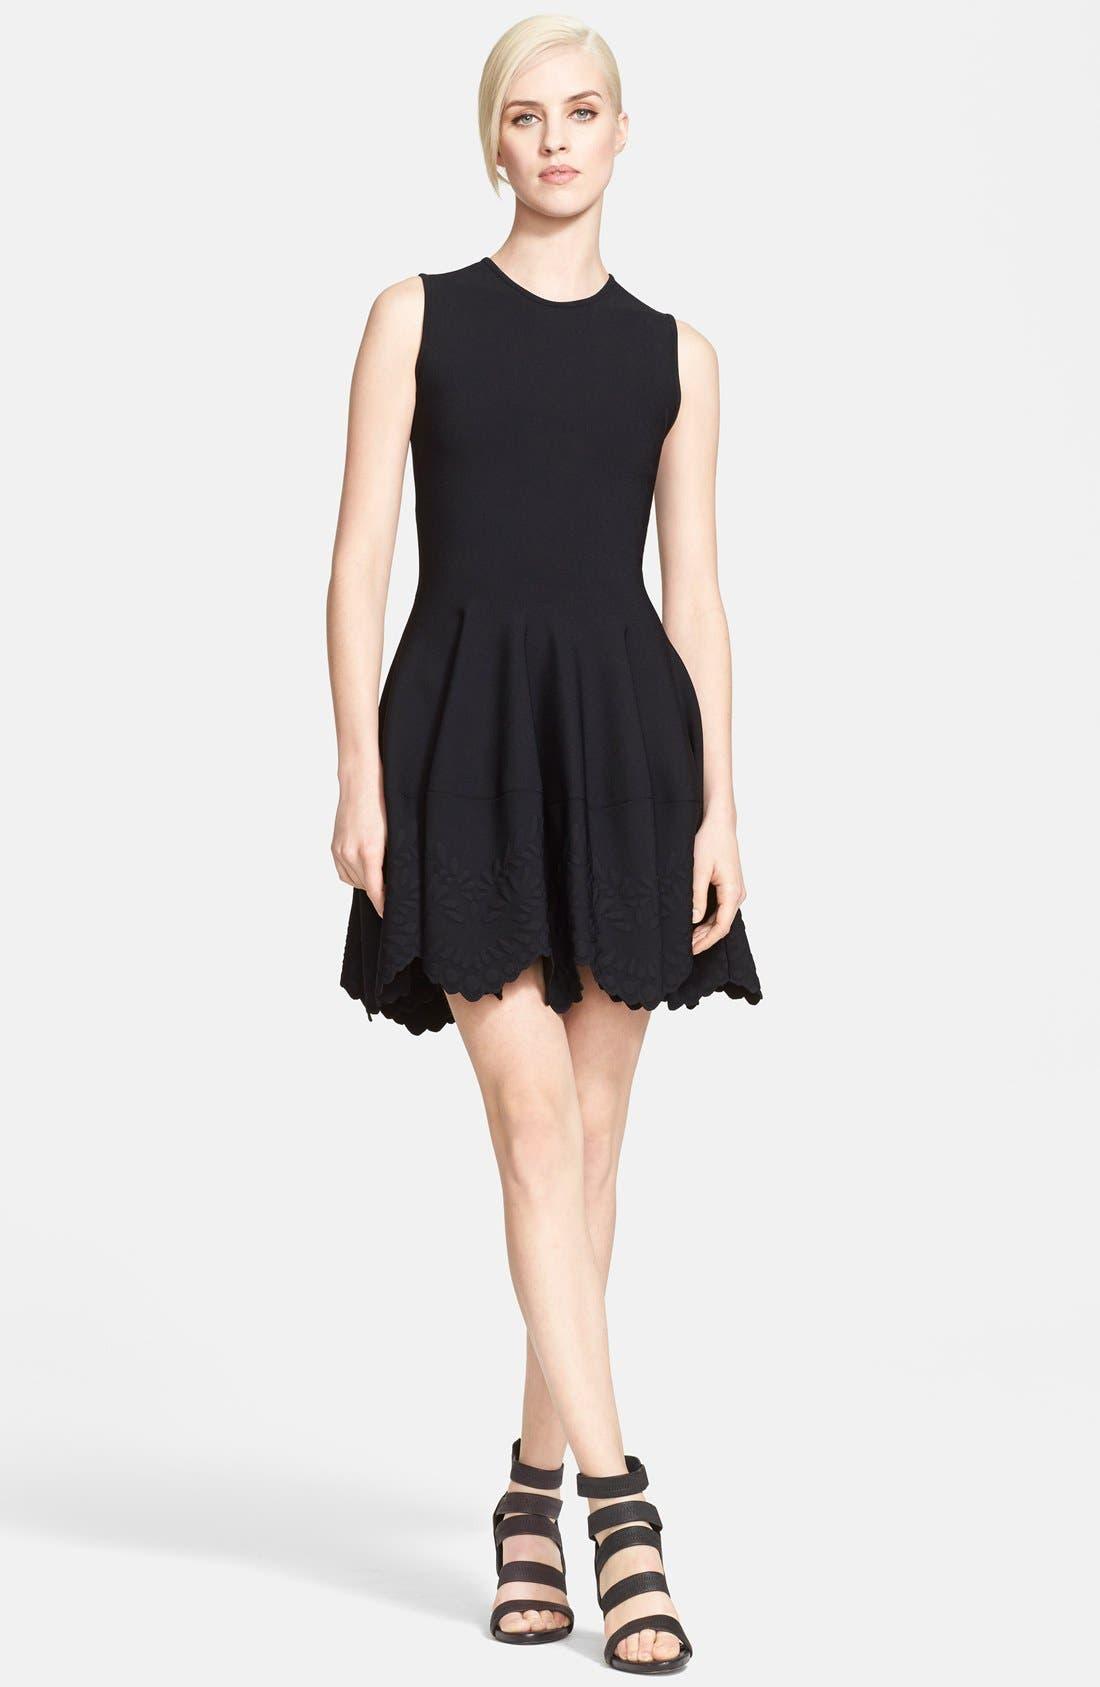 Main Image - Alexander McQueen Jacquard Knit Dress